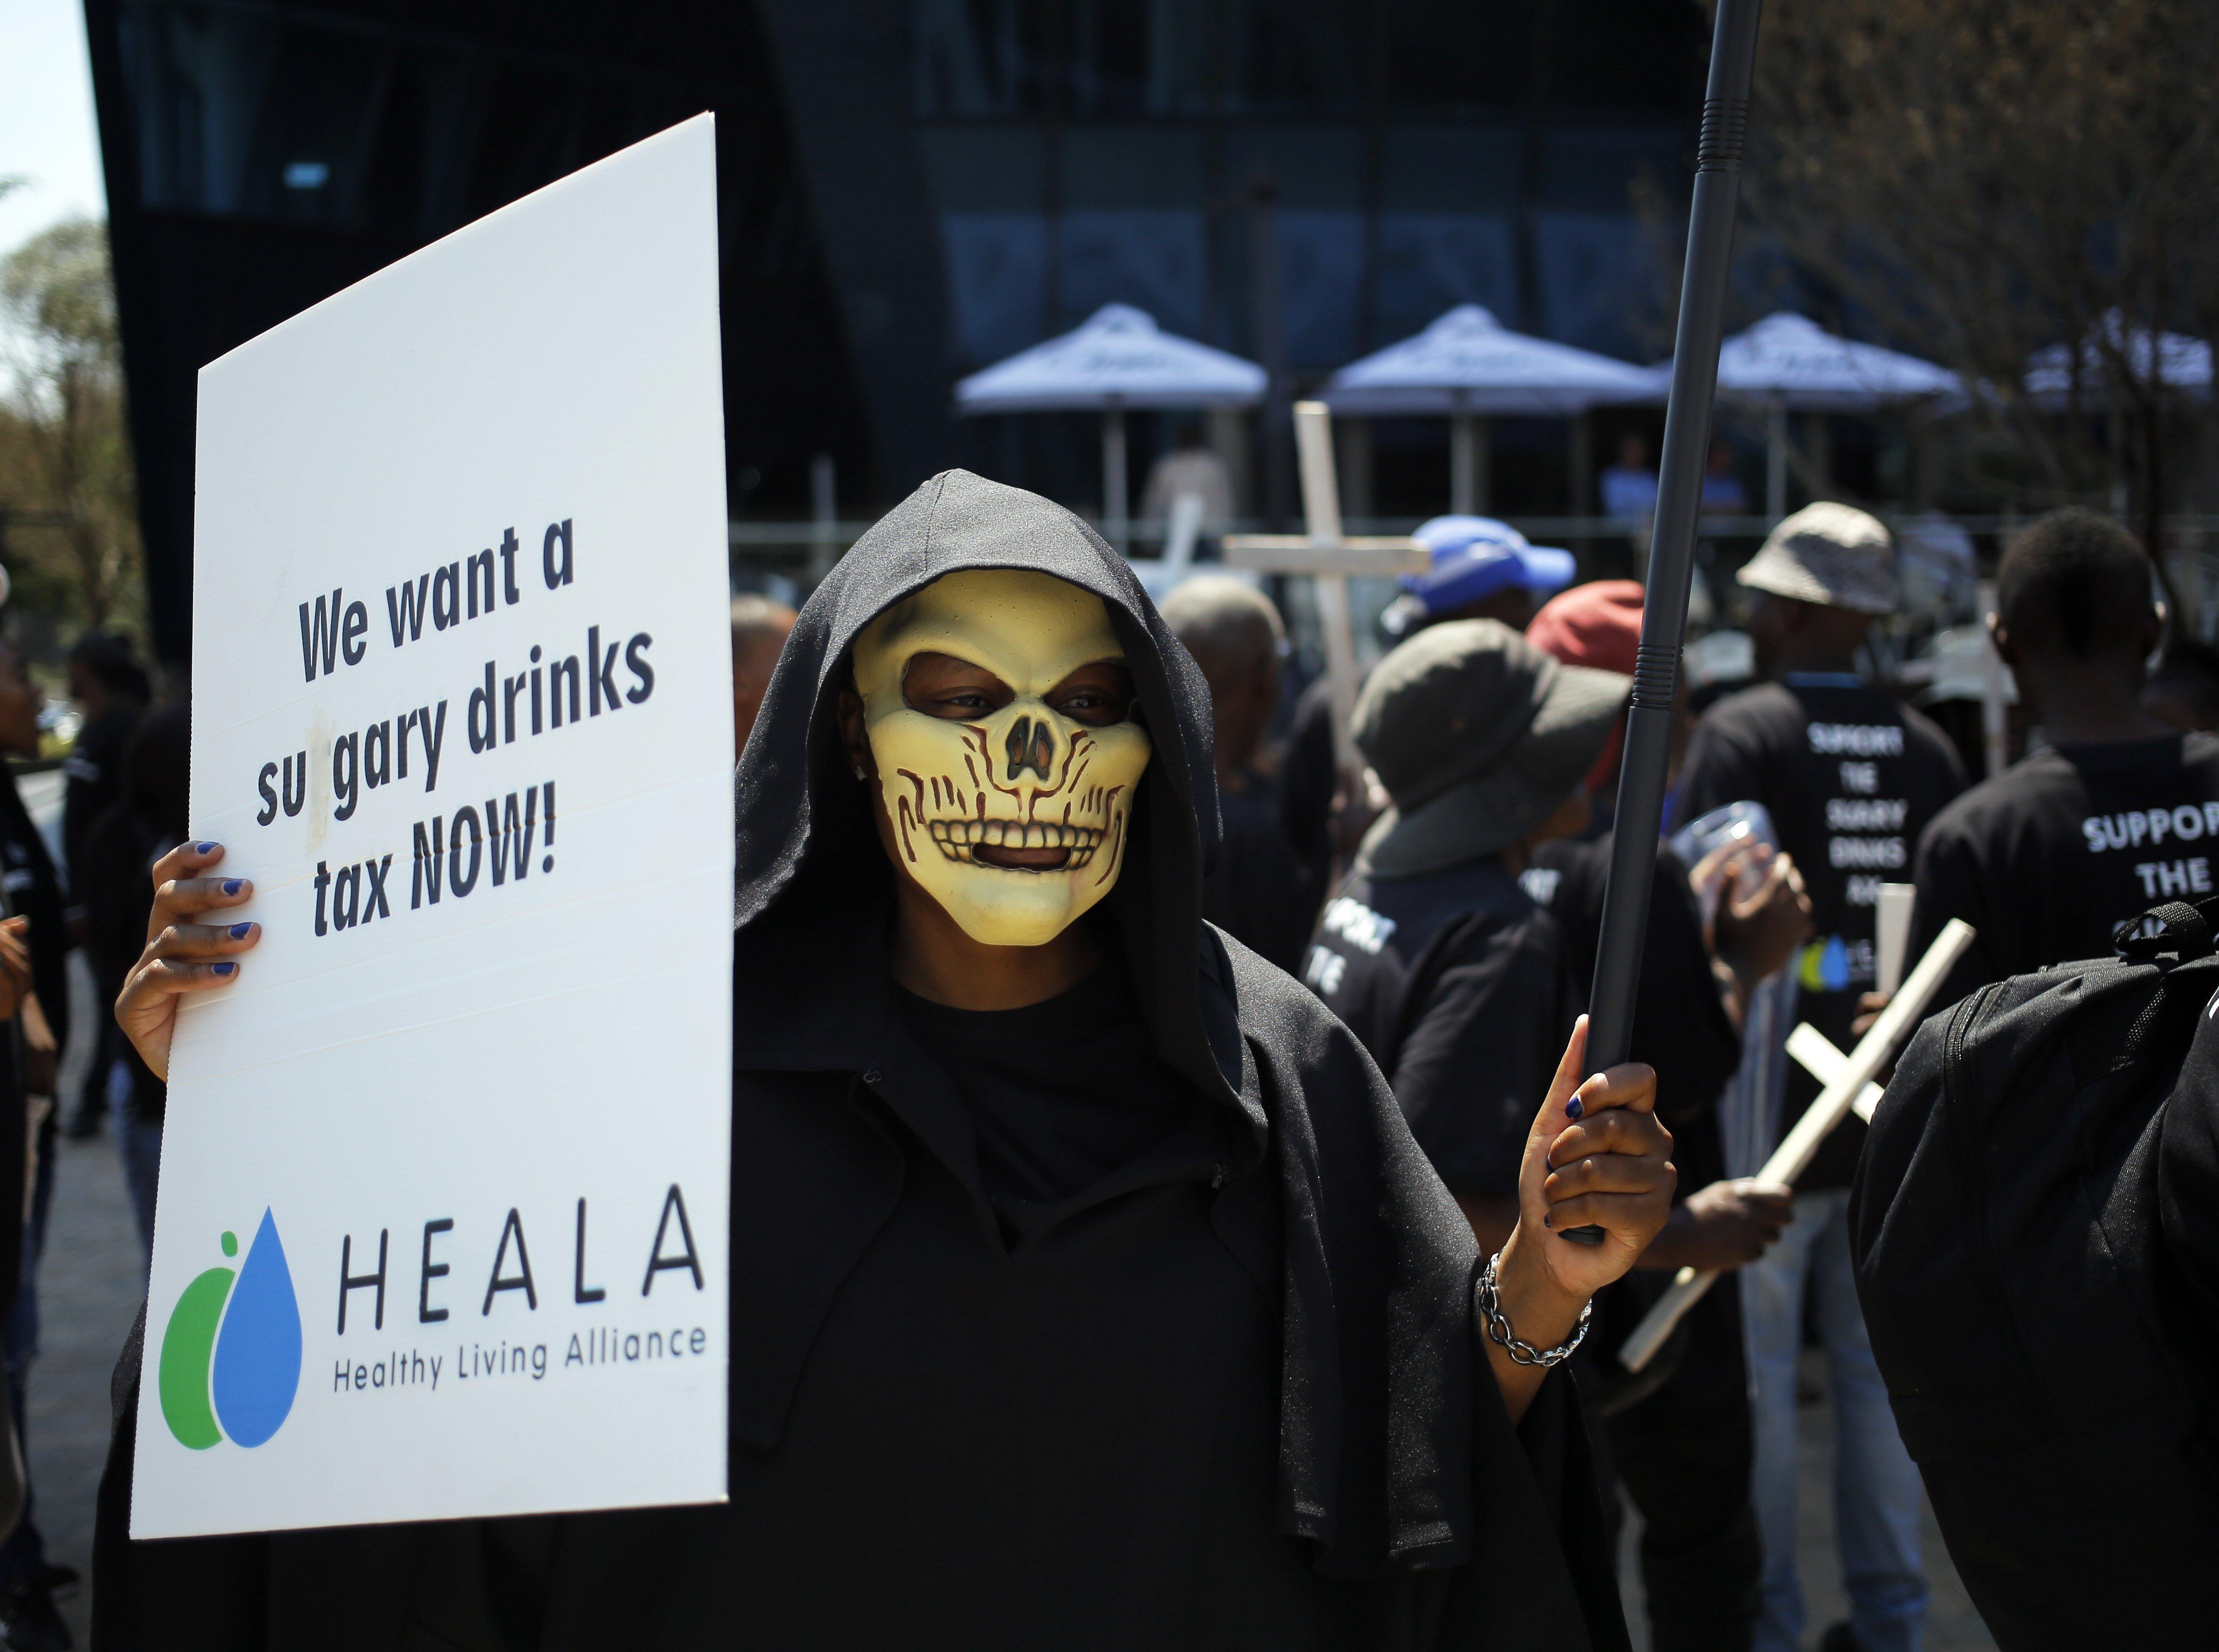 Diversos manifestants participen en una protesta en el marc de la celebració del Dia Mundial de la Diabetis a l'exterior de les oficines de Coca-Cola a Johannesburg (Sud-àfrica). /KIM LUDBROOK